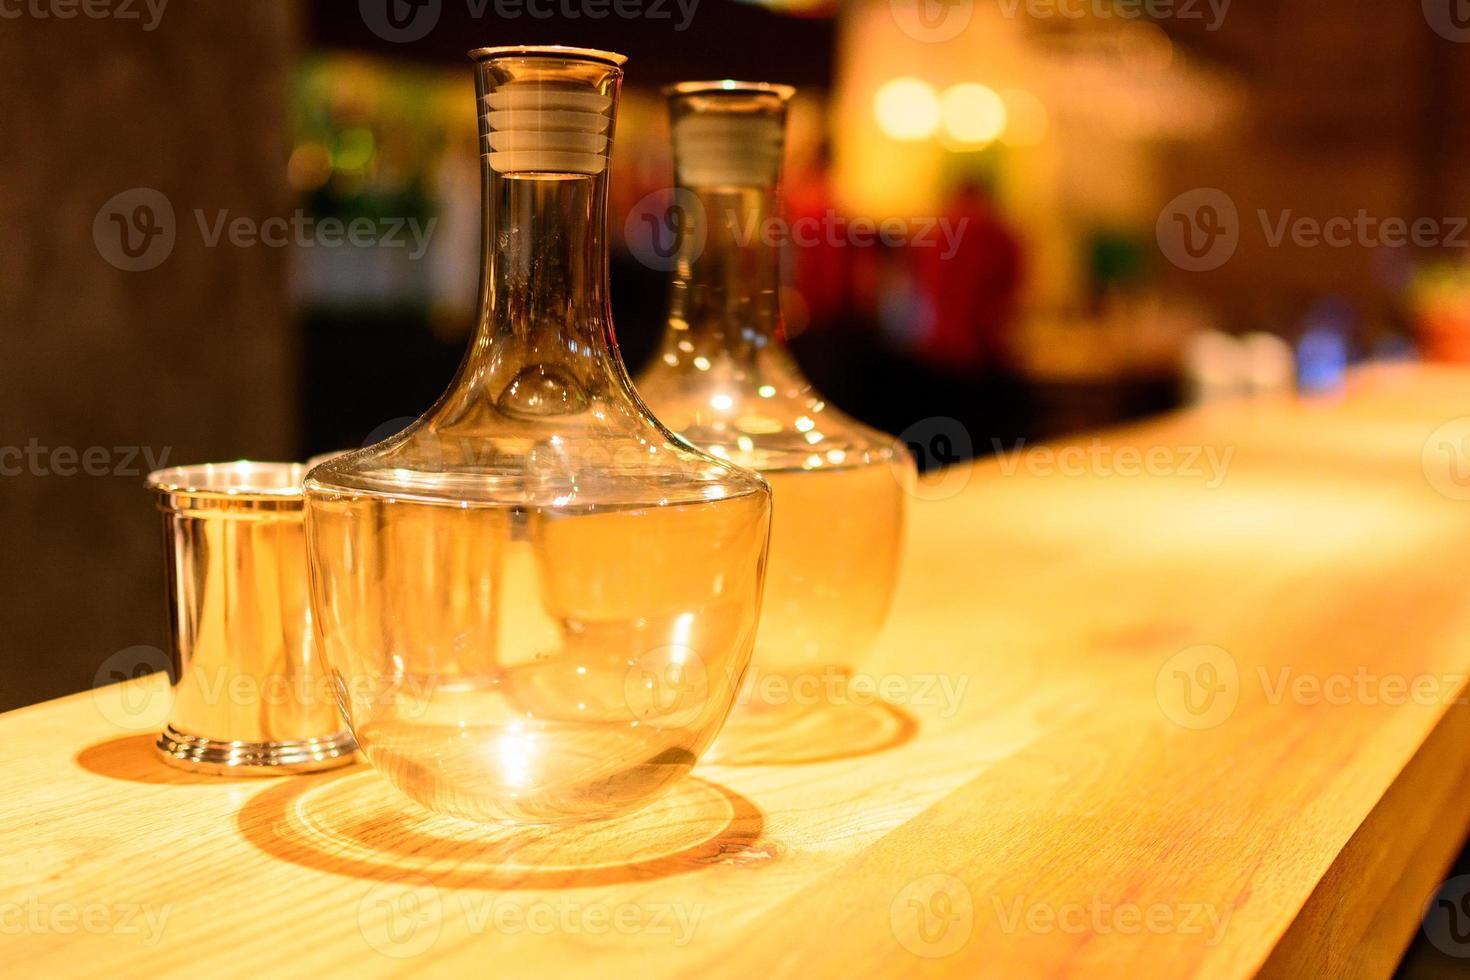 Barcounter, Restaurant, komfortabel, farbenfroh, ruhig, warm, Hintergrund foto